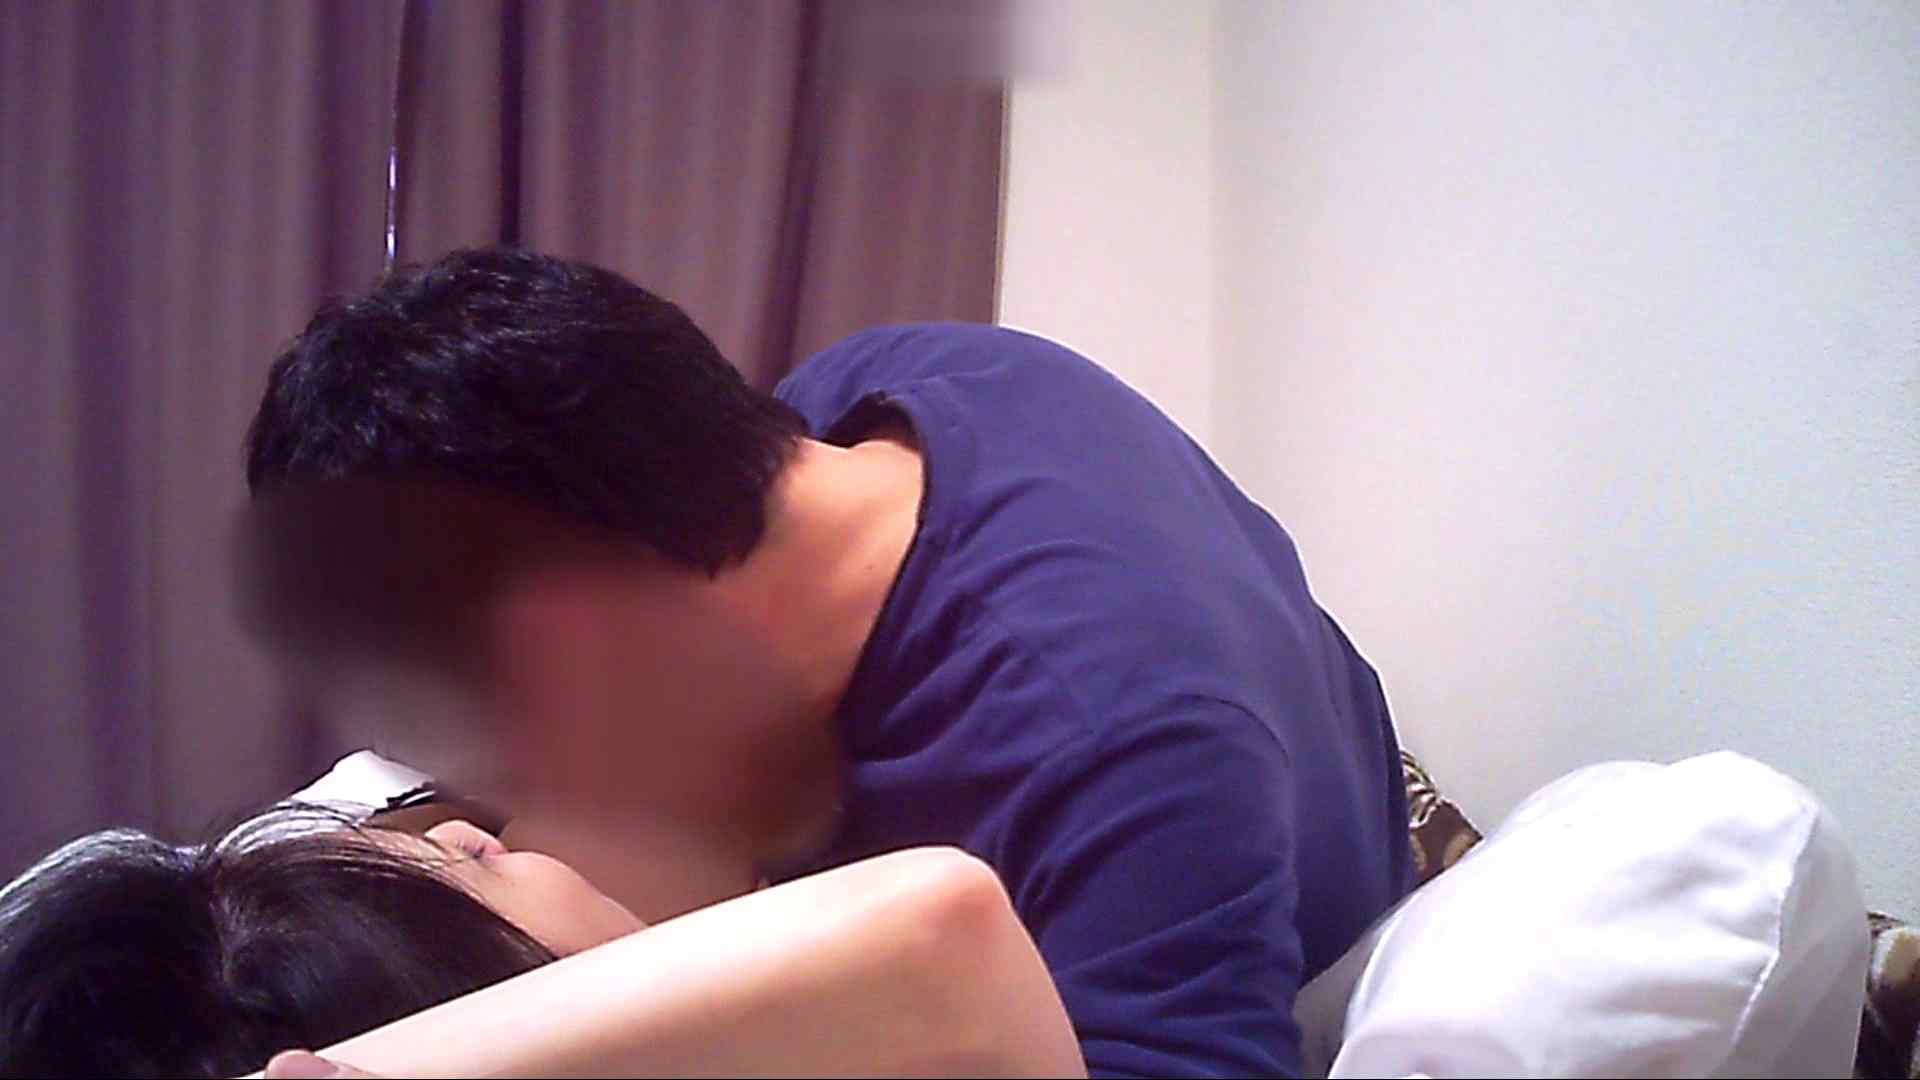 清楚な顔してかなり敏感なE子25歳(仮名)Vol.01 フェラ動画 えろ無修正画像 93画像 65